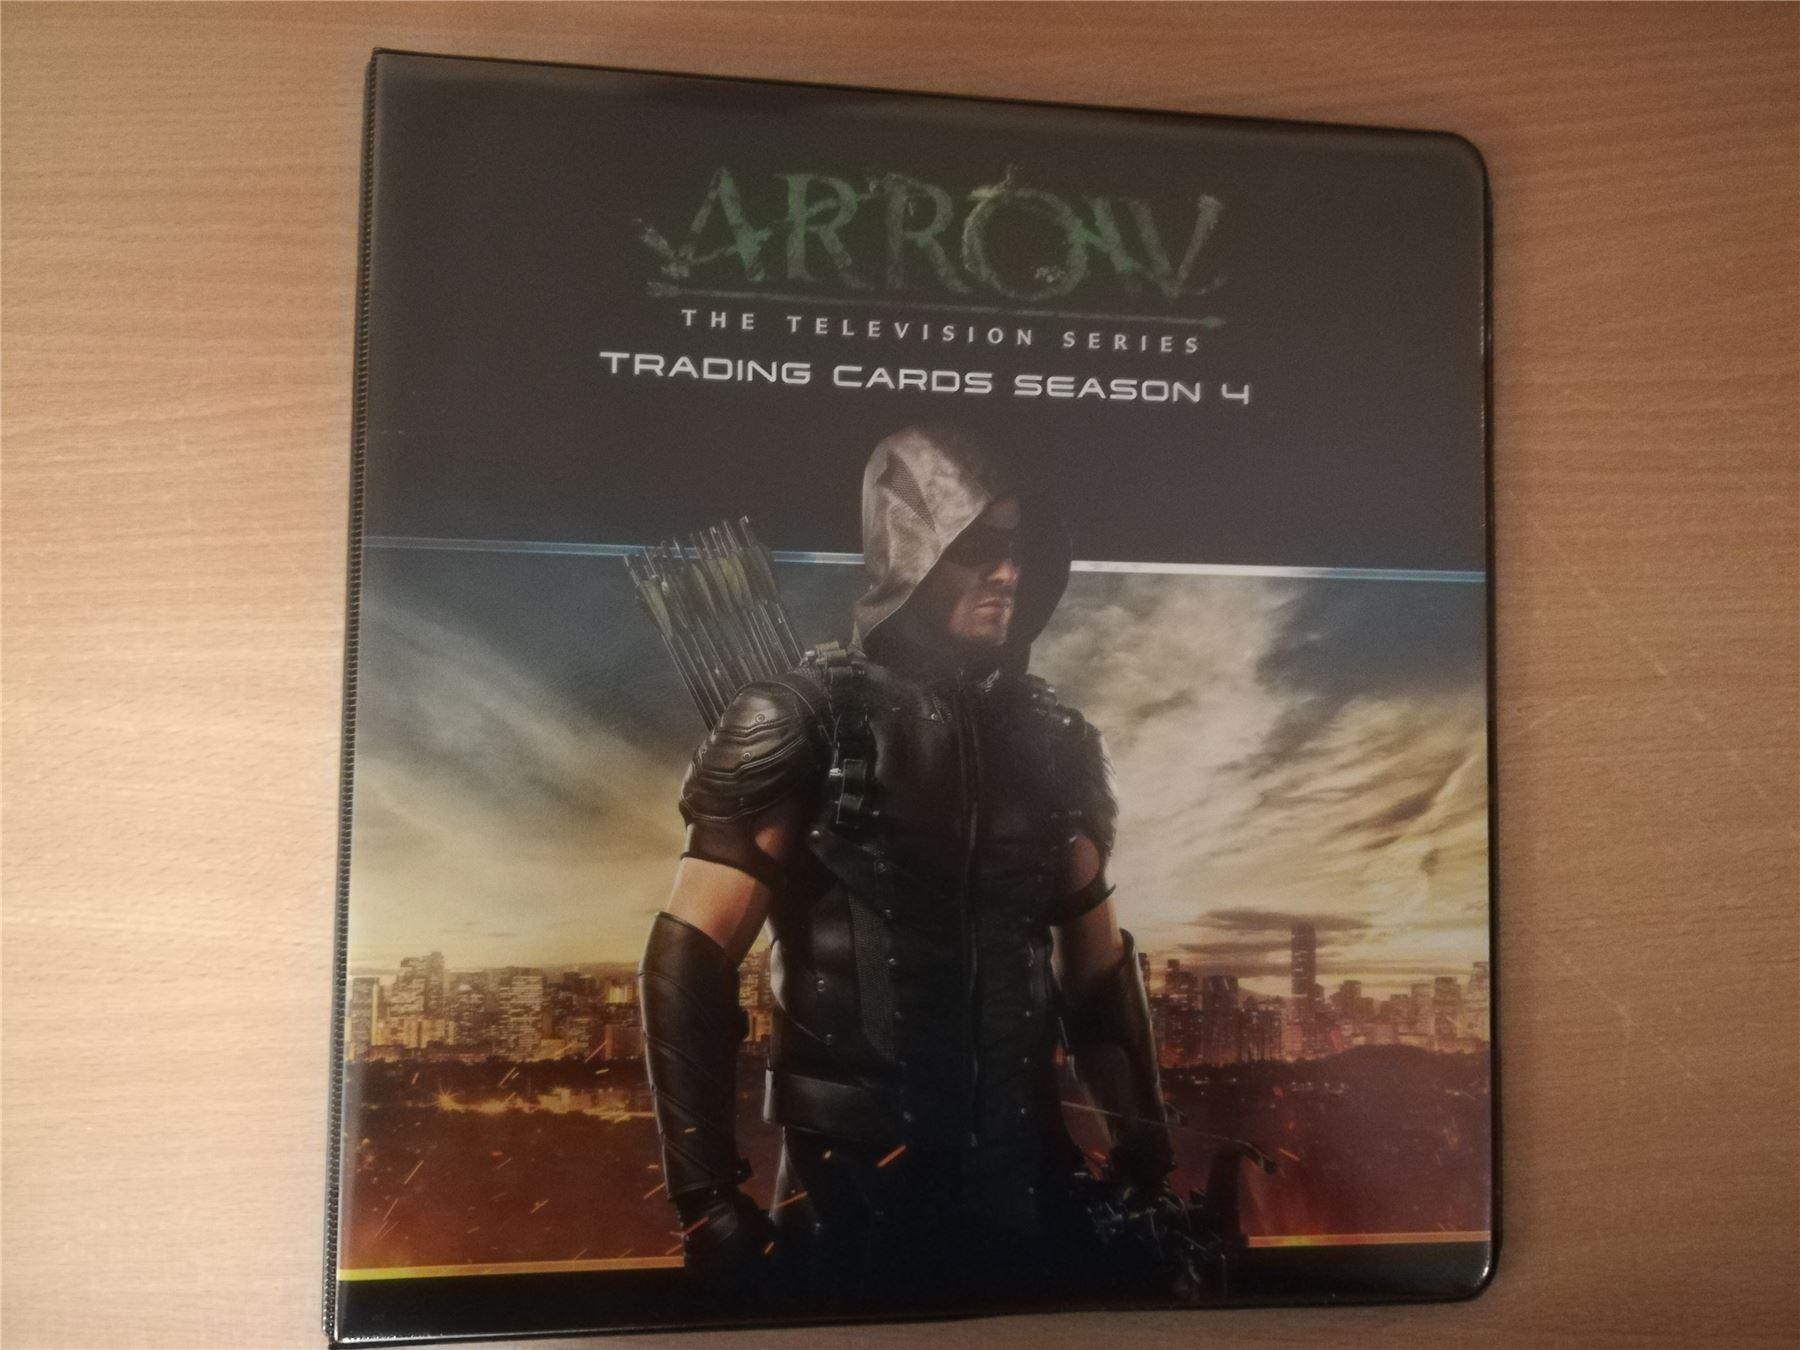 Arrow Season 4 Official Cryptozoic Binder